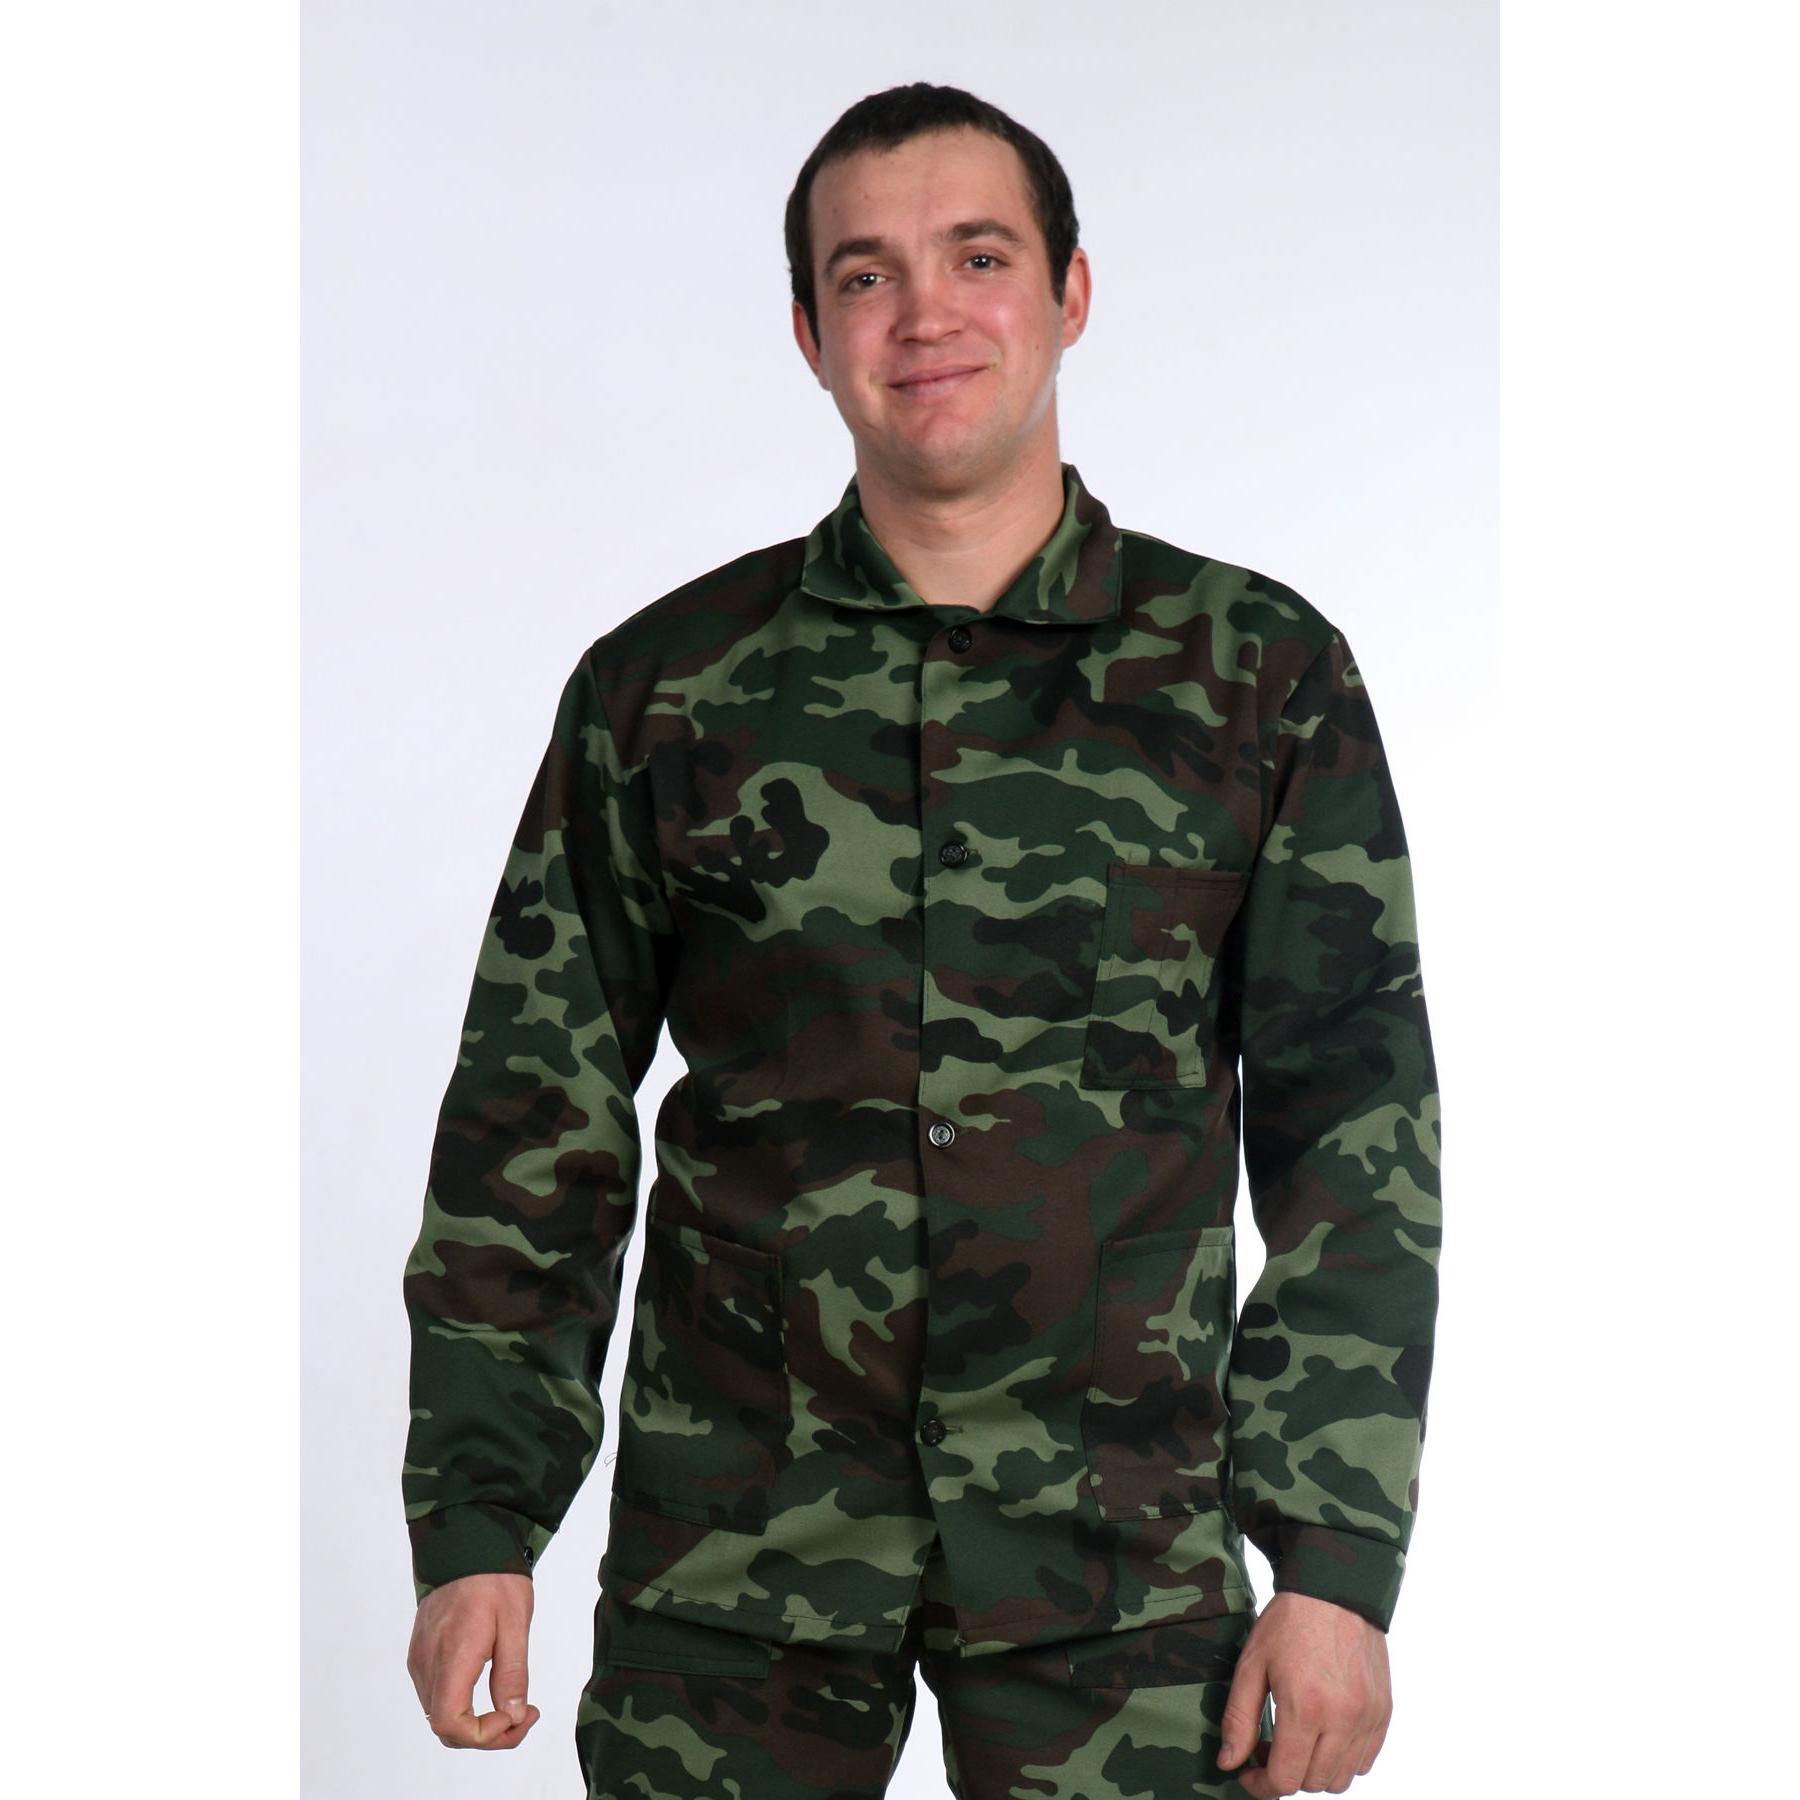 Купить со скидкой Мужской костюм «Камуфляж», размер 44